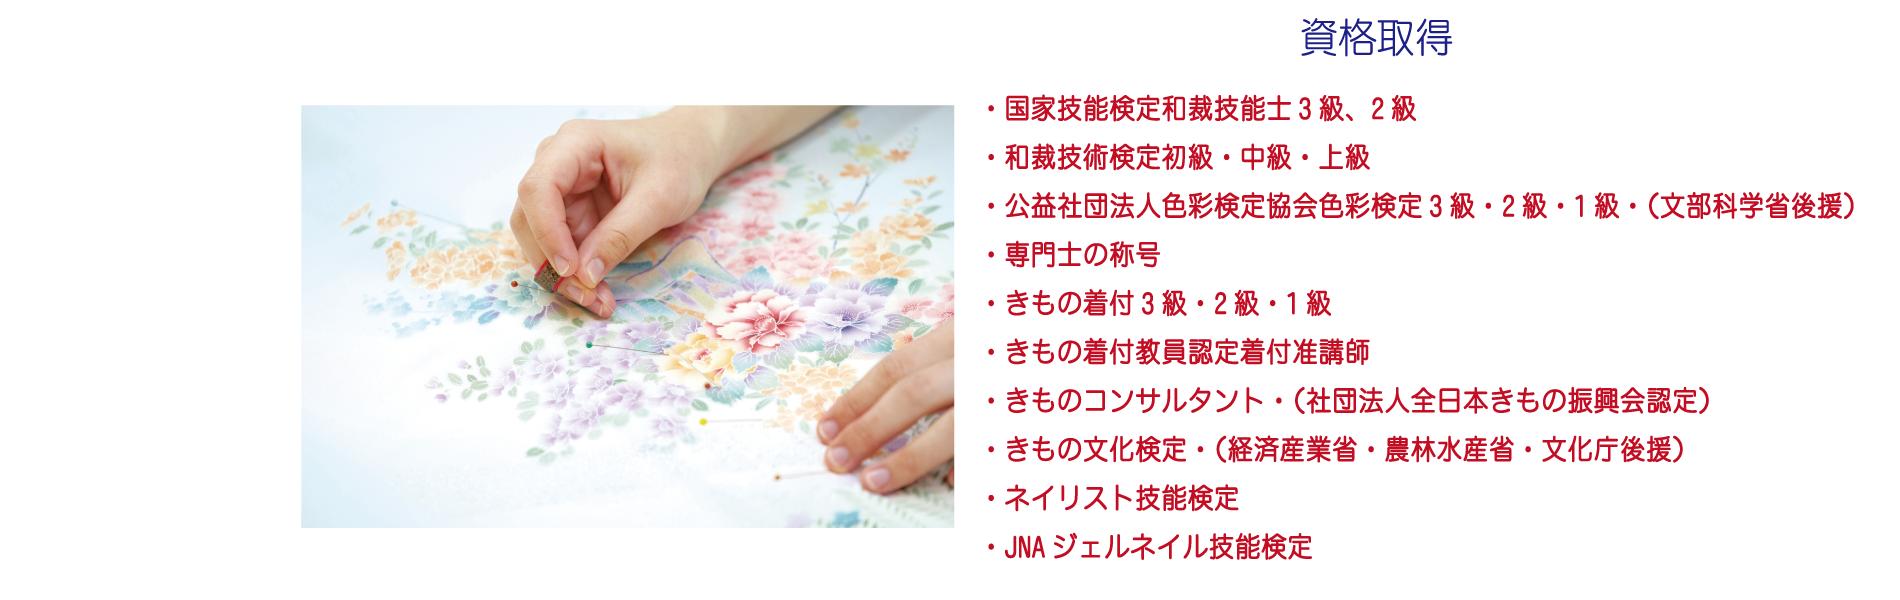 TOYO KIMONO Collection